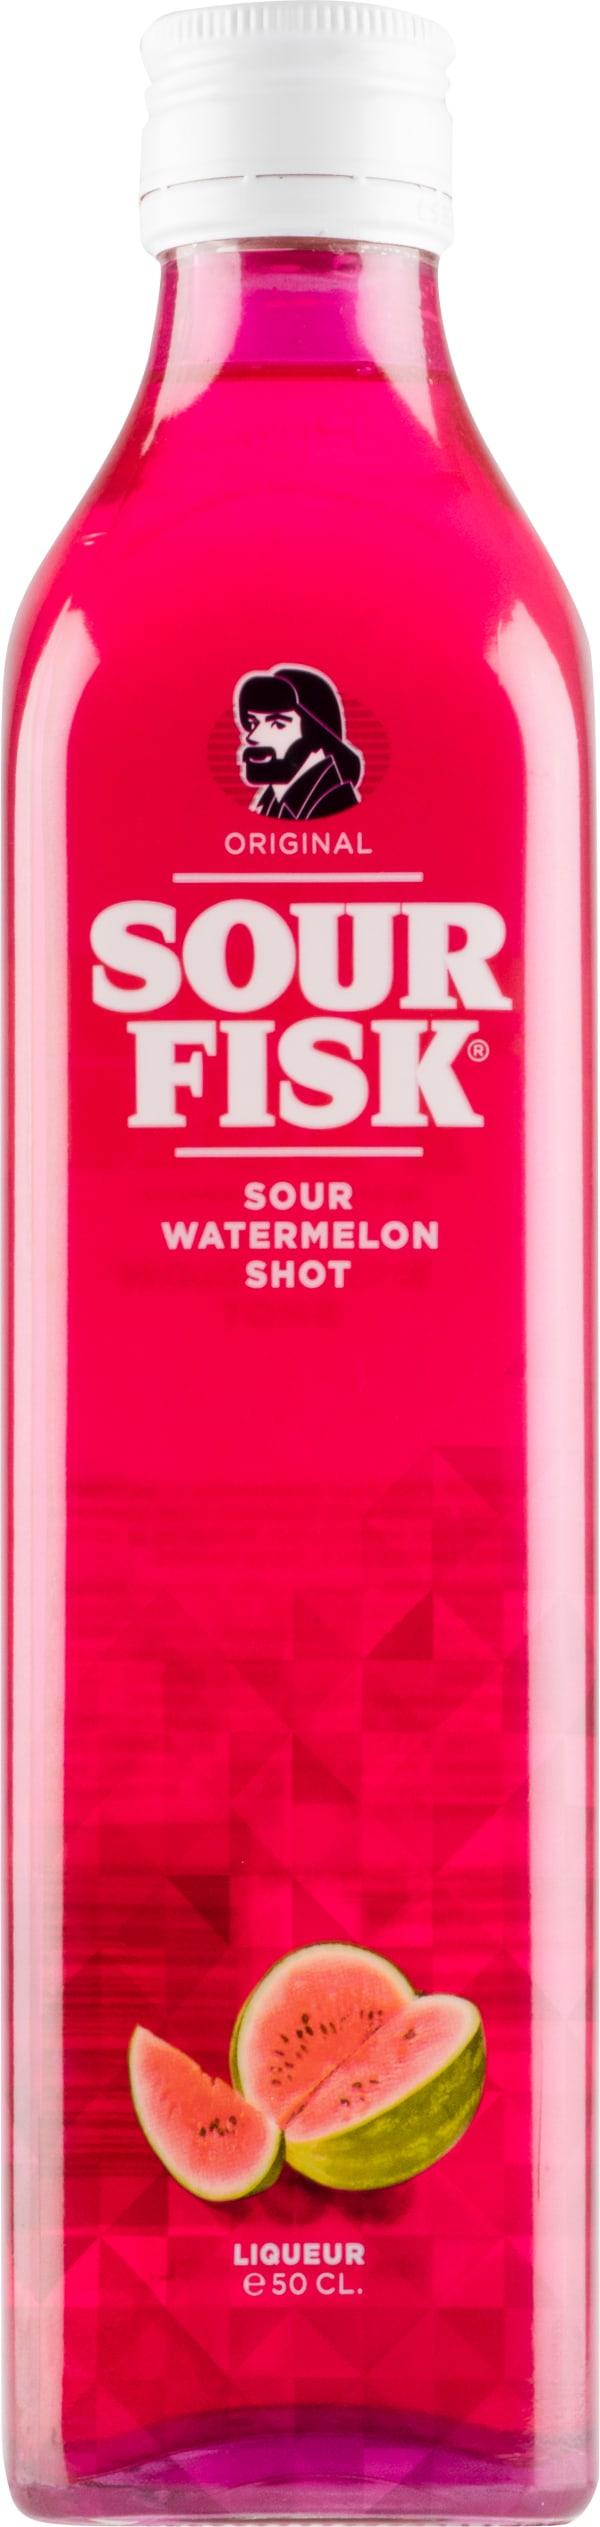 Sour Fisk Sour Watermelon